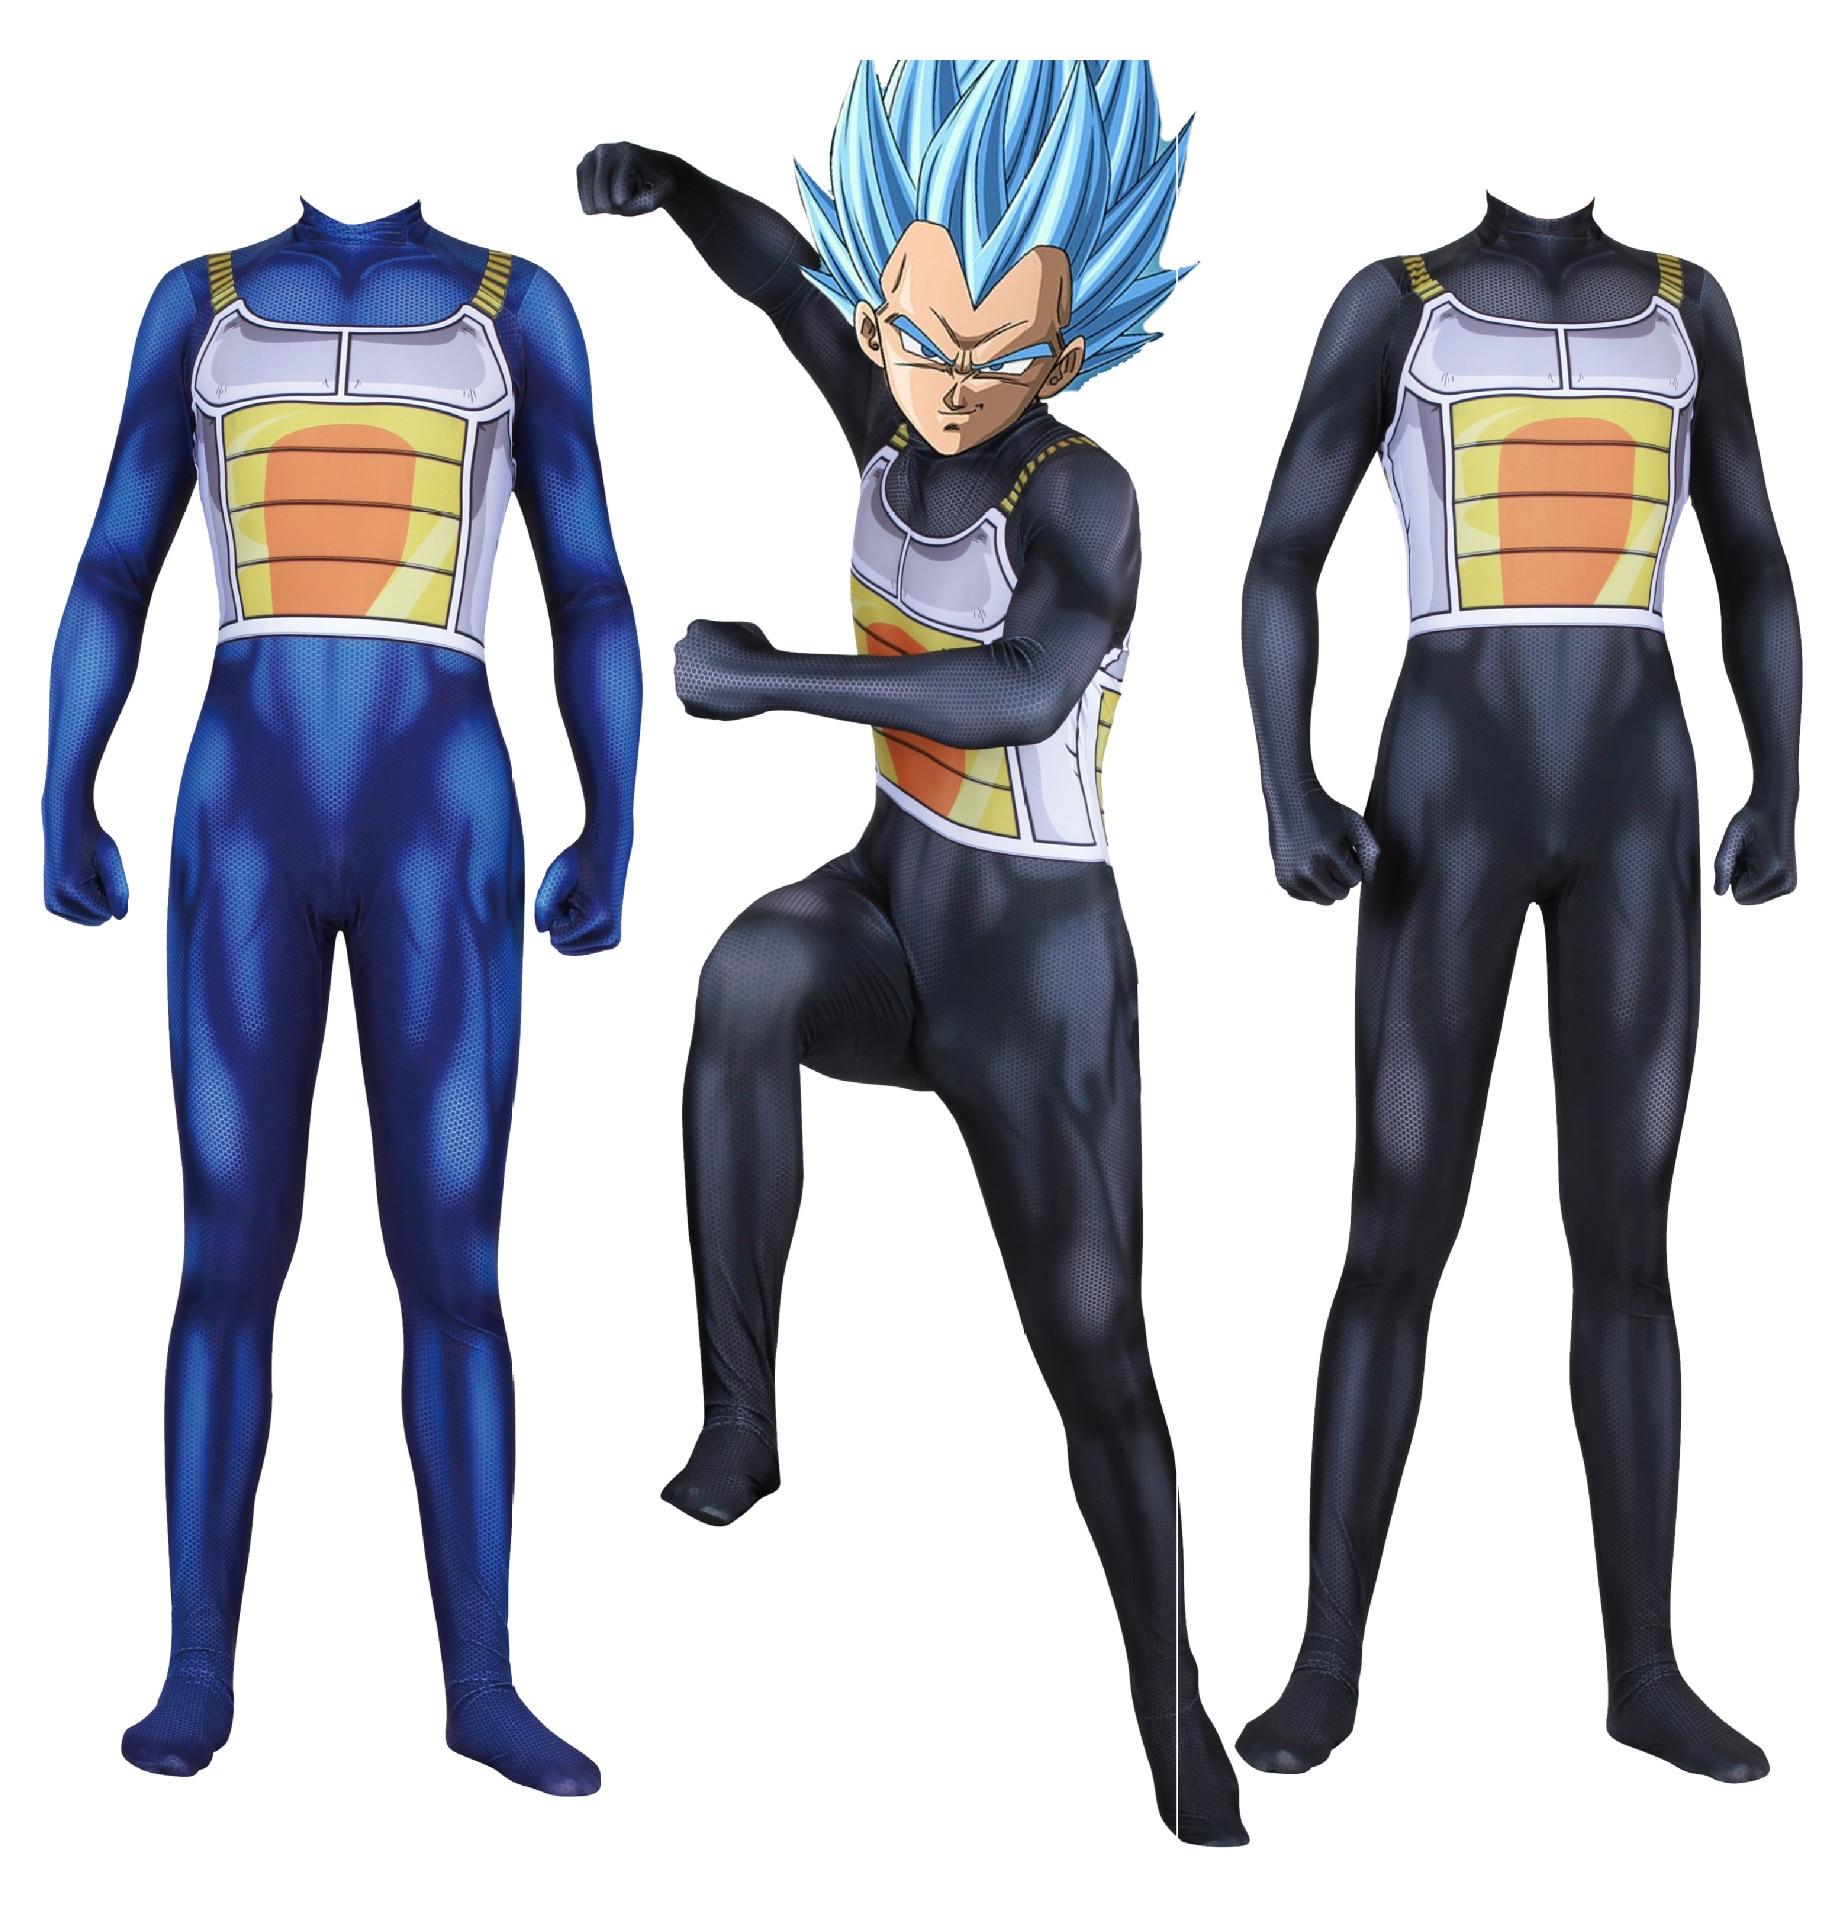 3D impression numérique Dragon Ball Vegeta Roleplay Cosplay une-pièce collants peut être personnalisé Costume de Cosplay